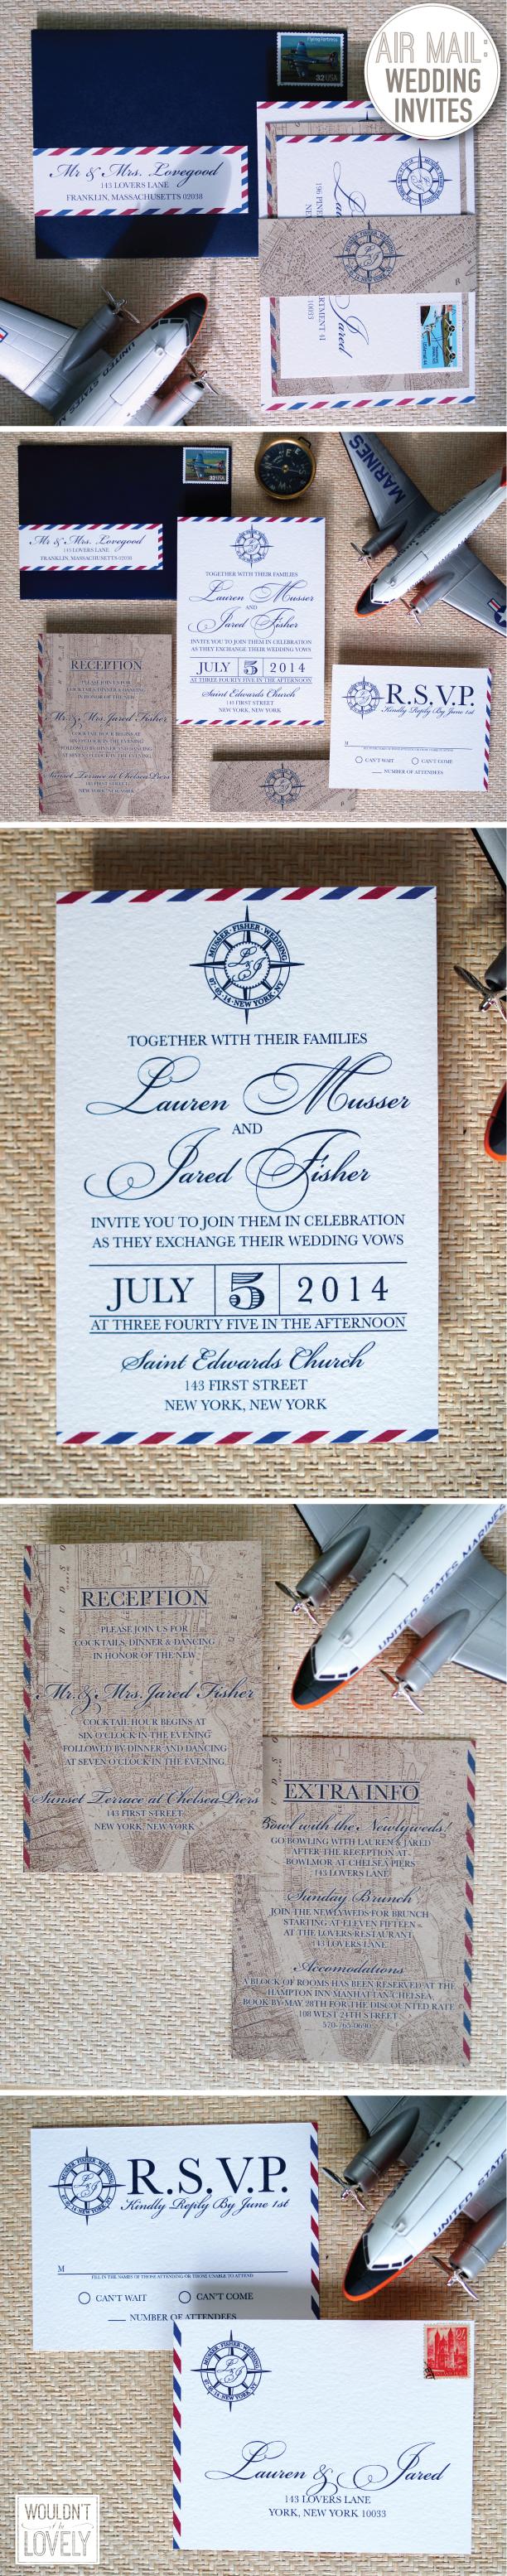 Air Mail Wedding Invitation Suite